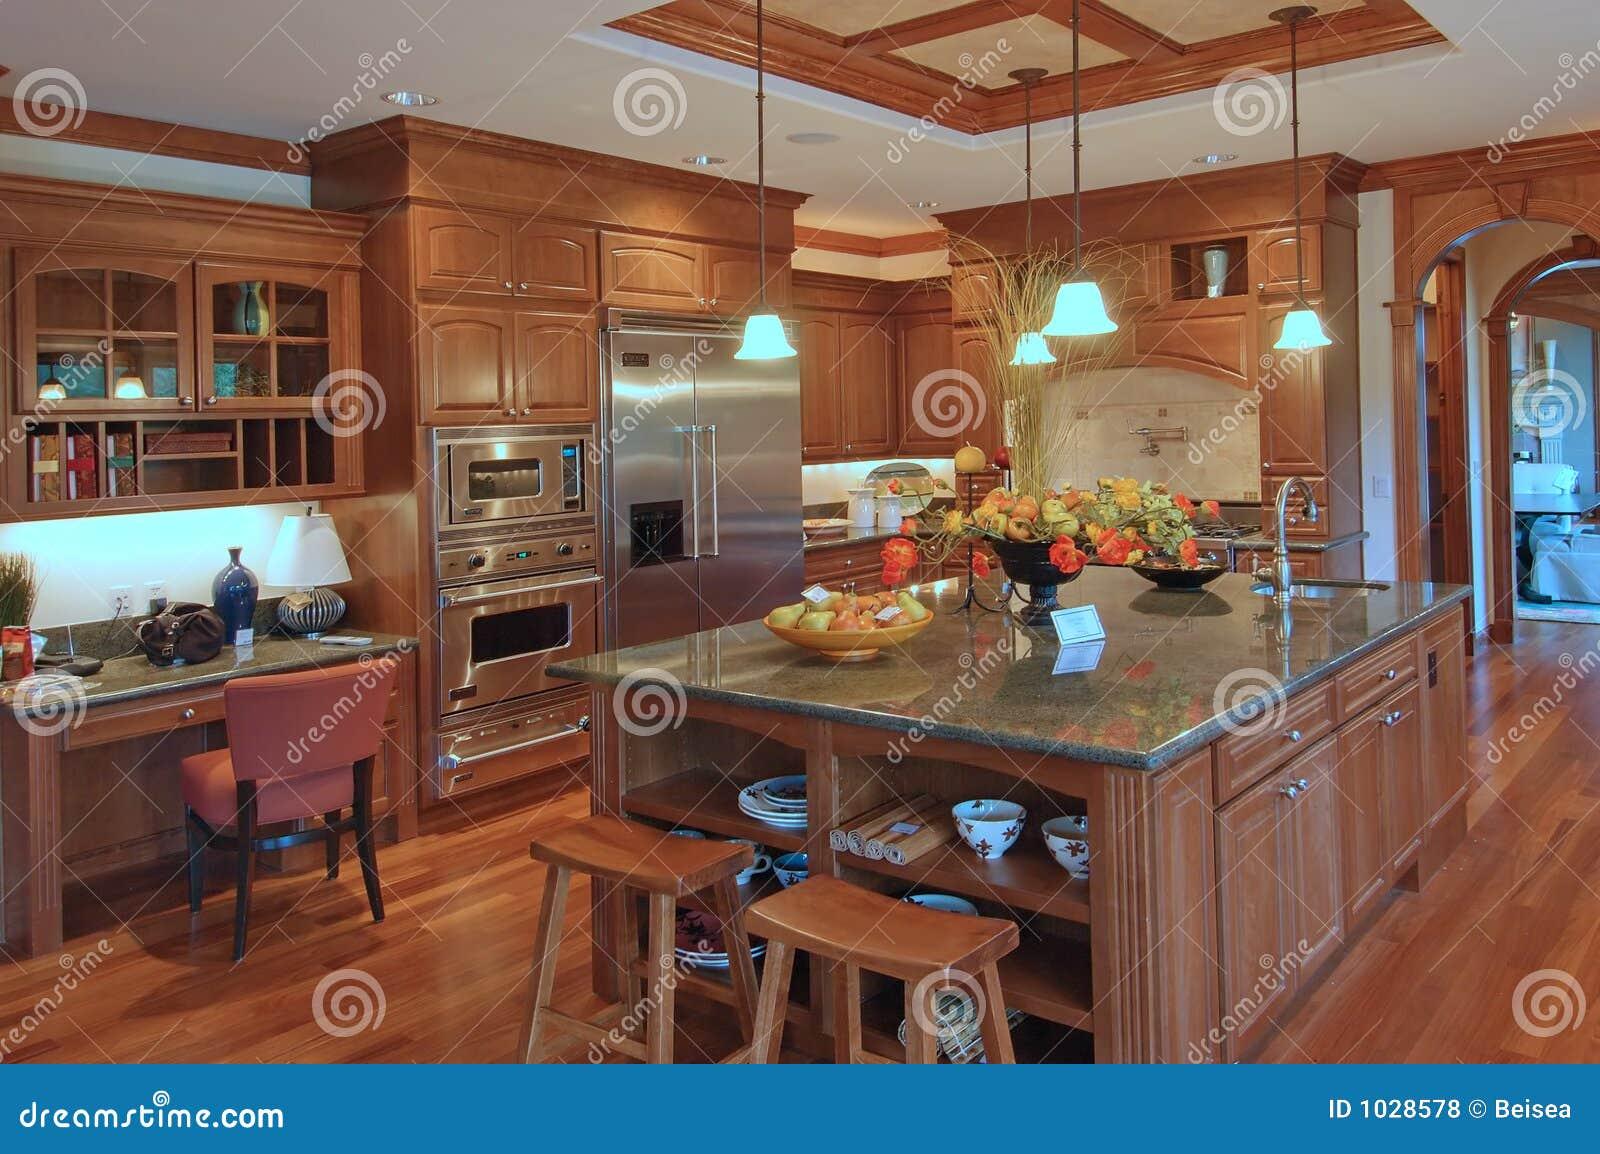 Cozinha Luxuosa 2 Fotos de Stock Royalty Free Imagem: 1028578 #1D84AE 1300 954